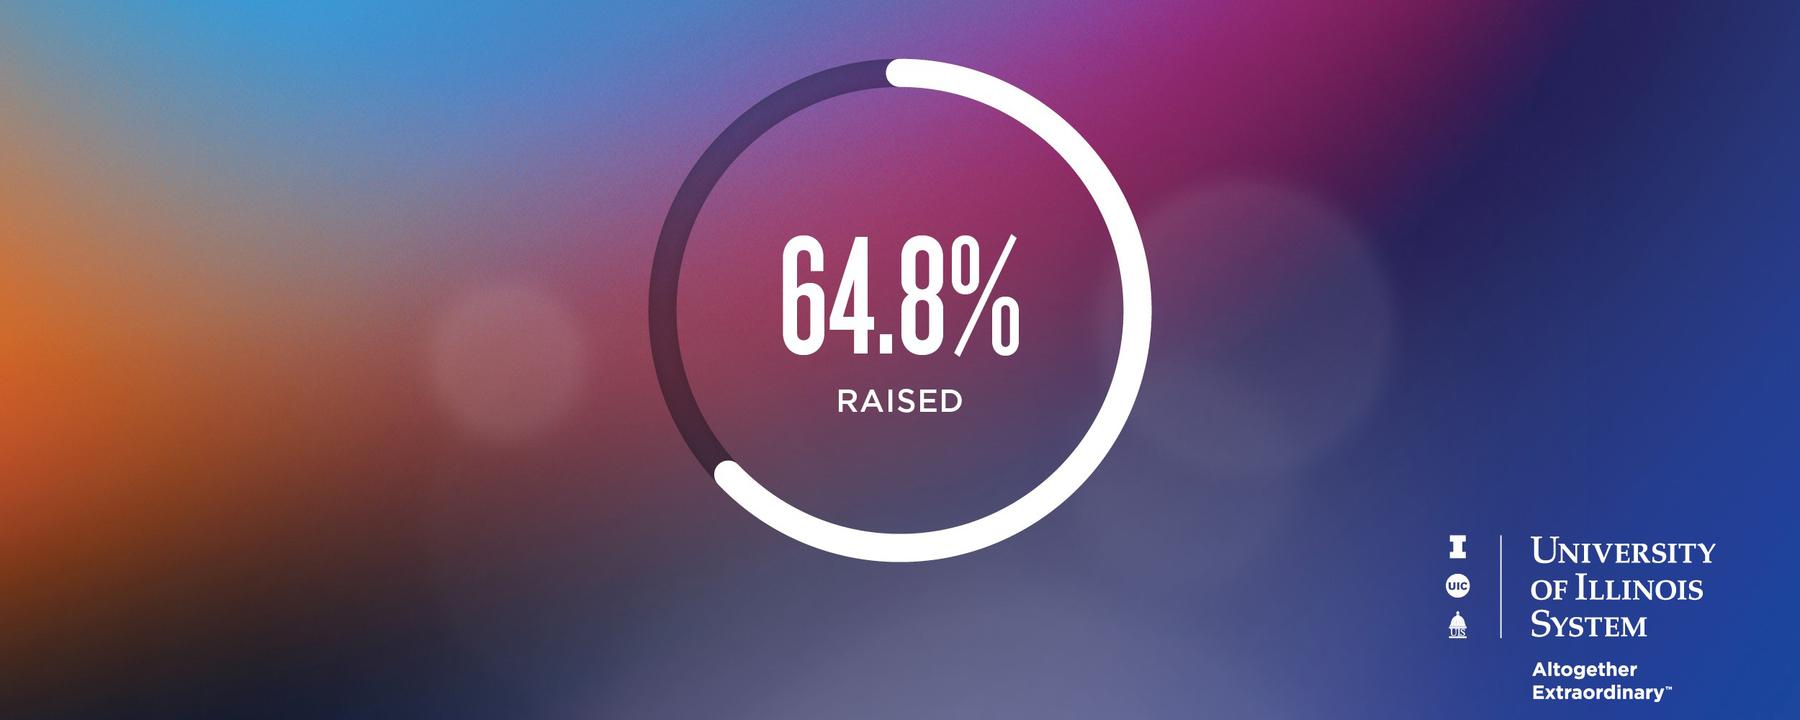 64.8% raised